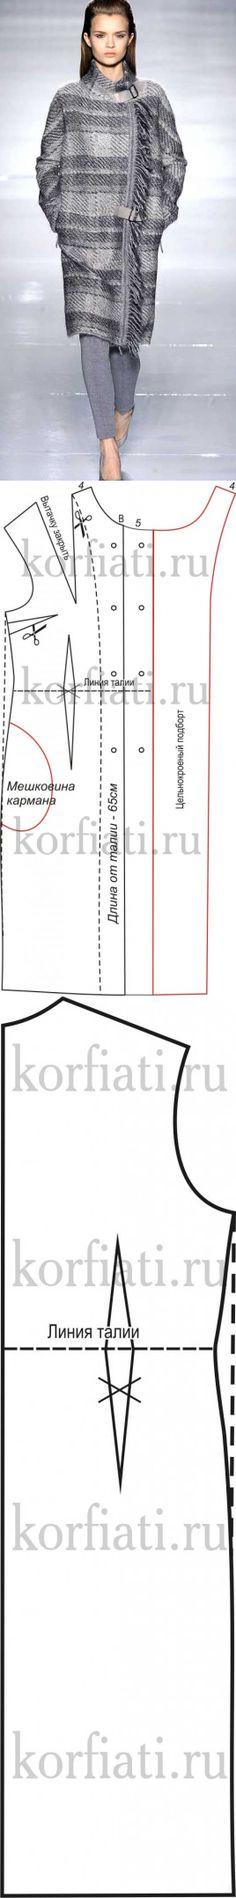 Прямое пальто в клетку -выкройка от А. Корфиати